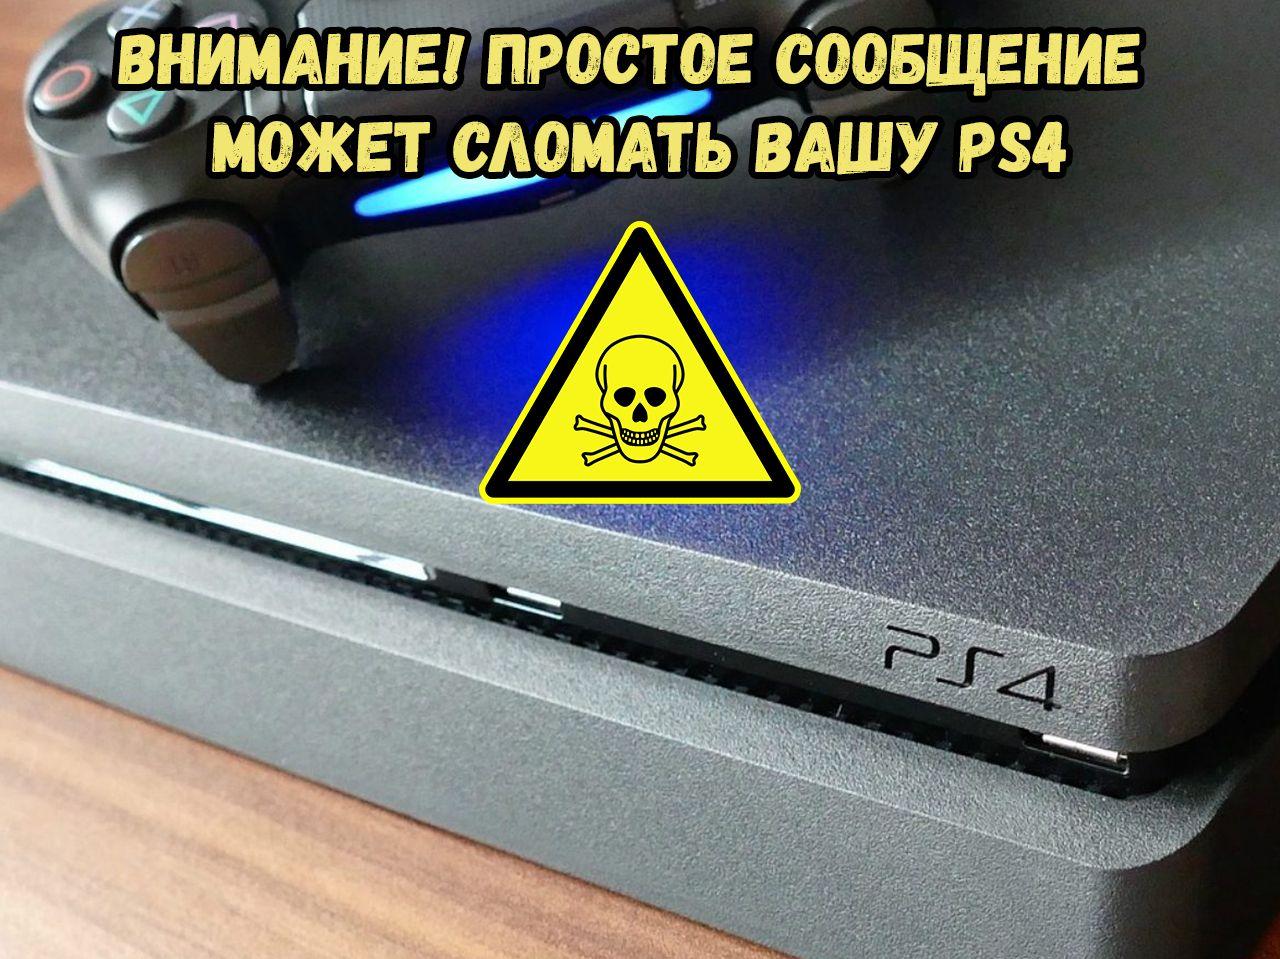 ВНИМАНИЕ! Простое сообщение может сломать вашу PS4